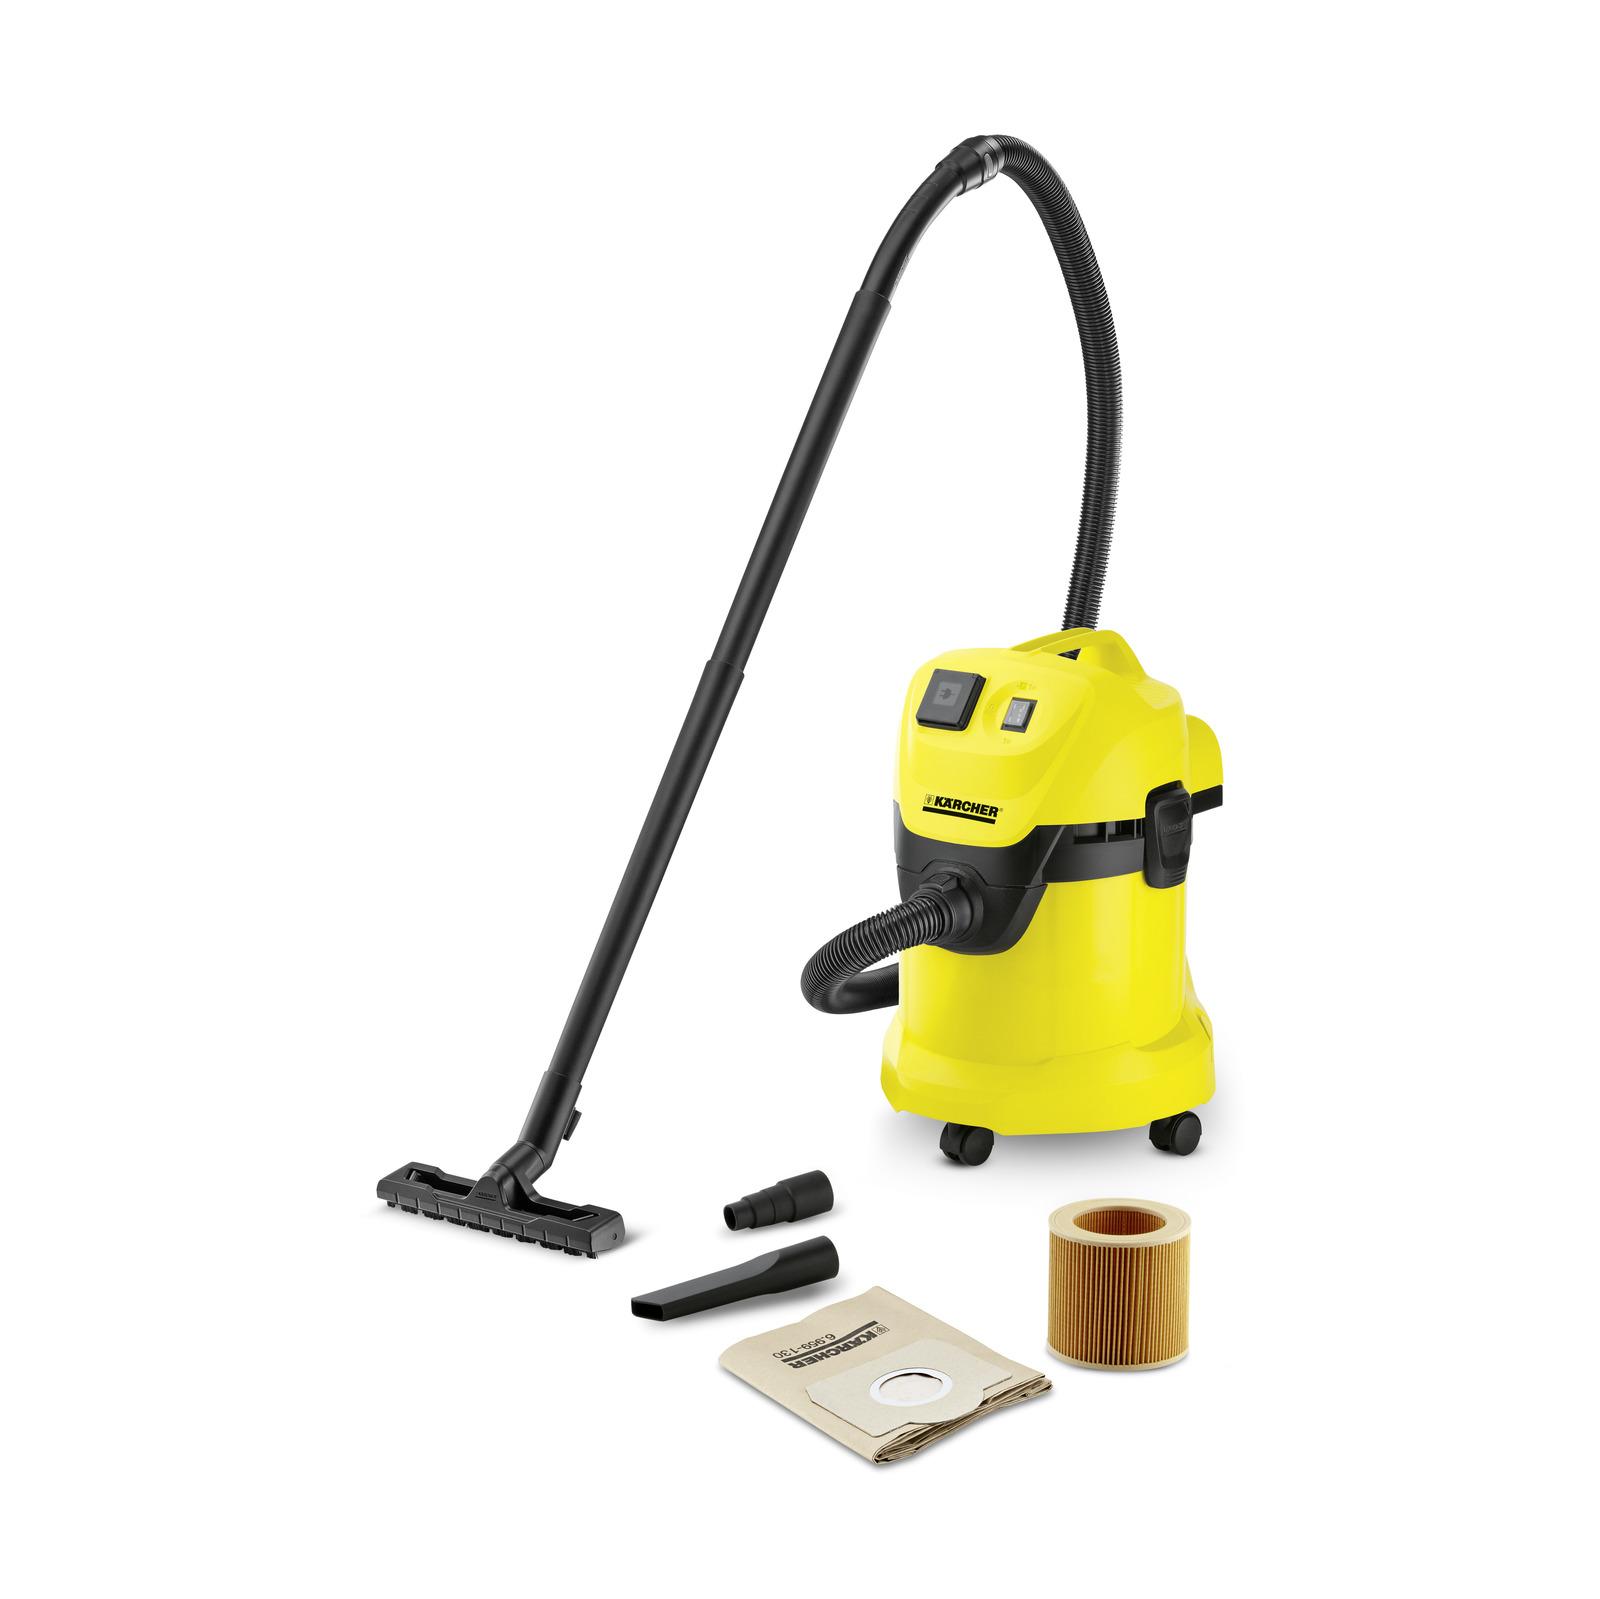 Kärcher - WD3 P multi-purpose vacuum cleaner